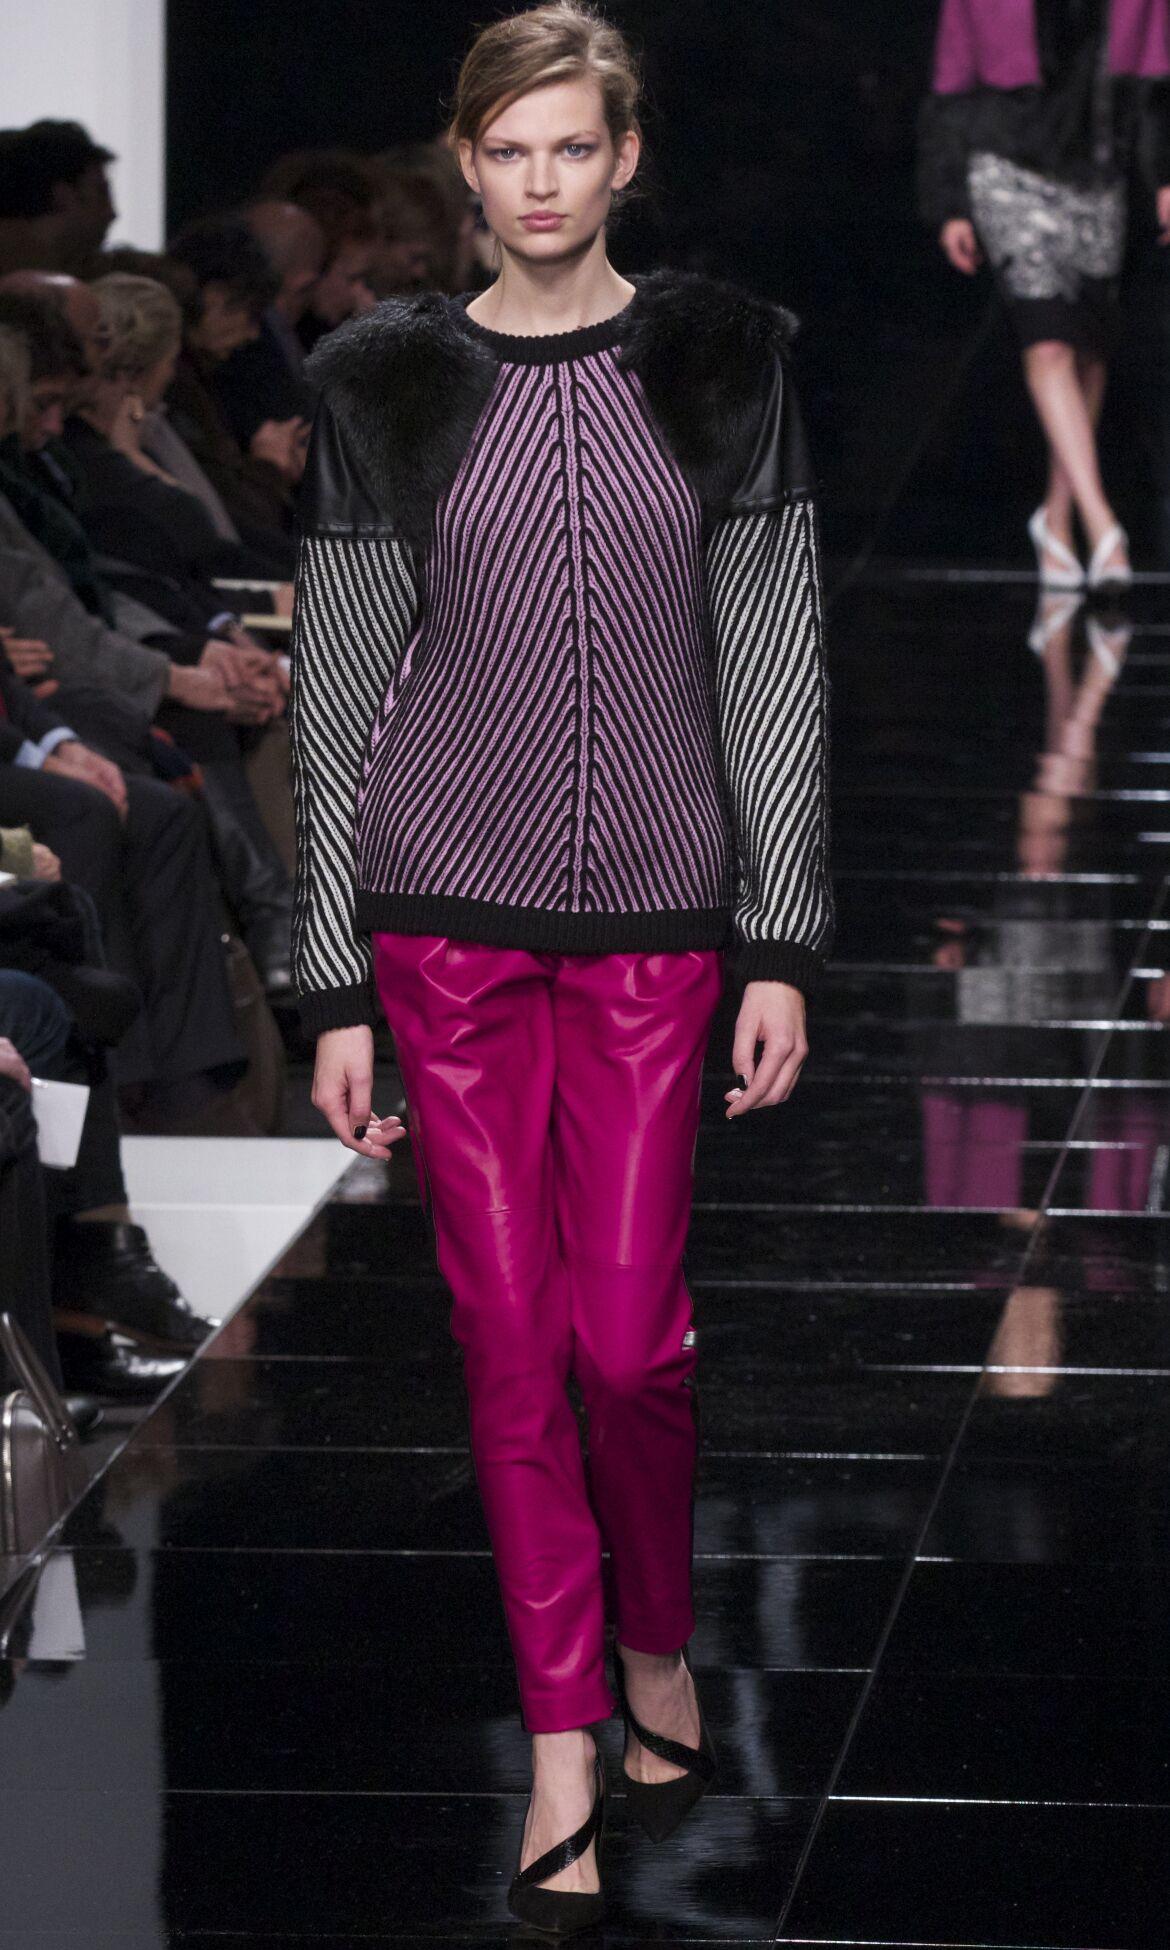 Iceberg Fashion Model